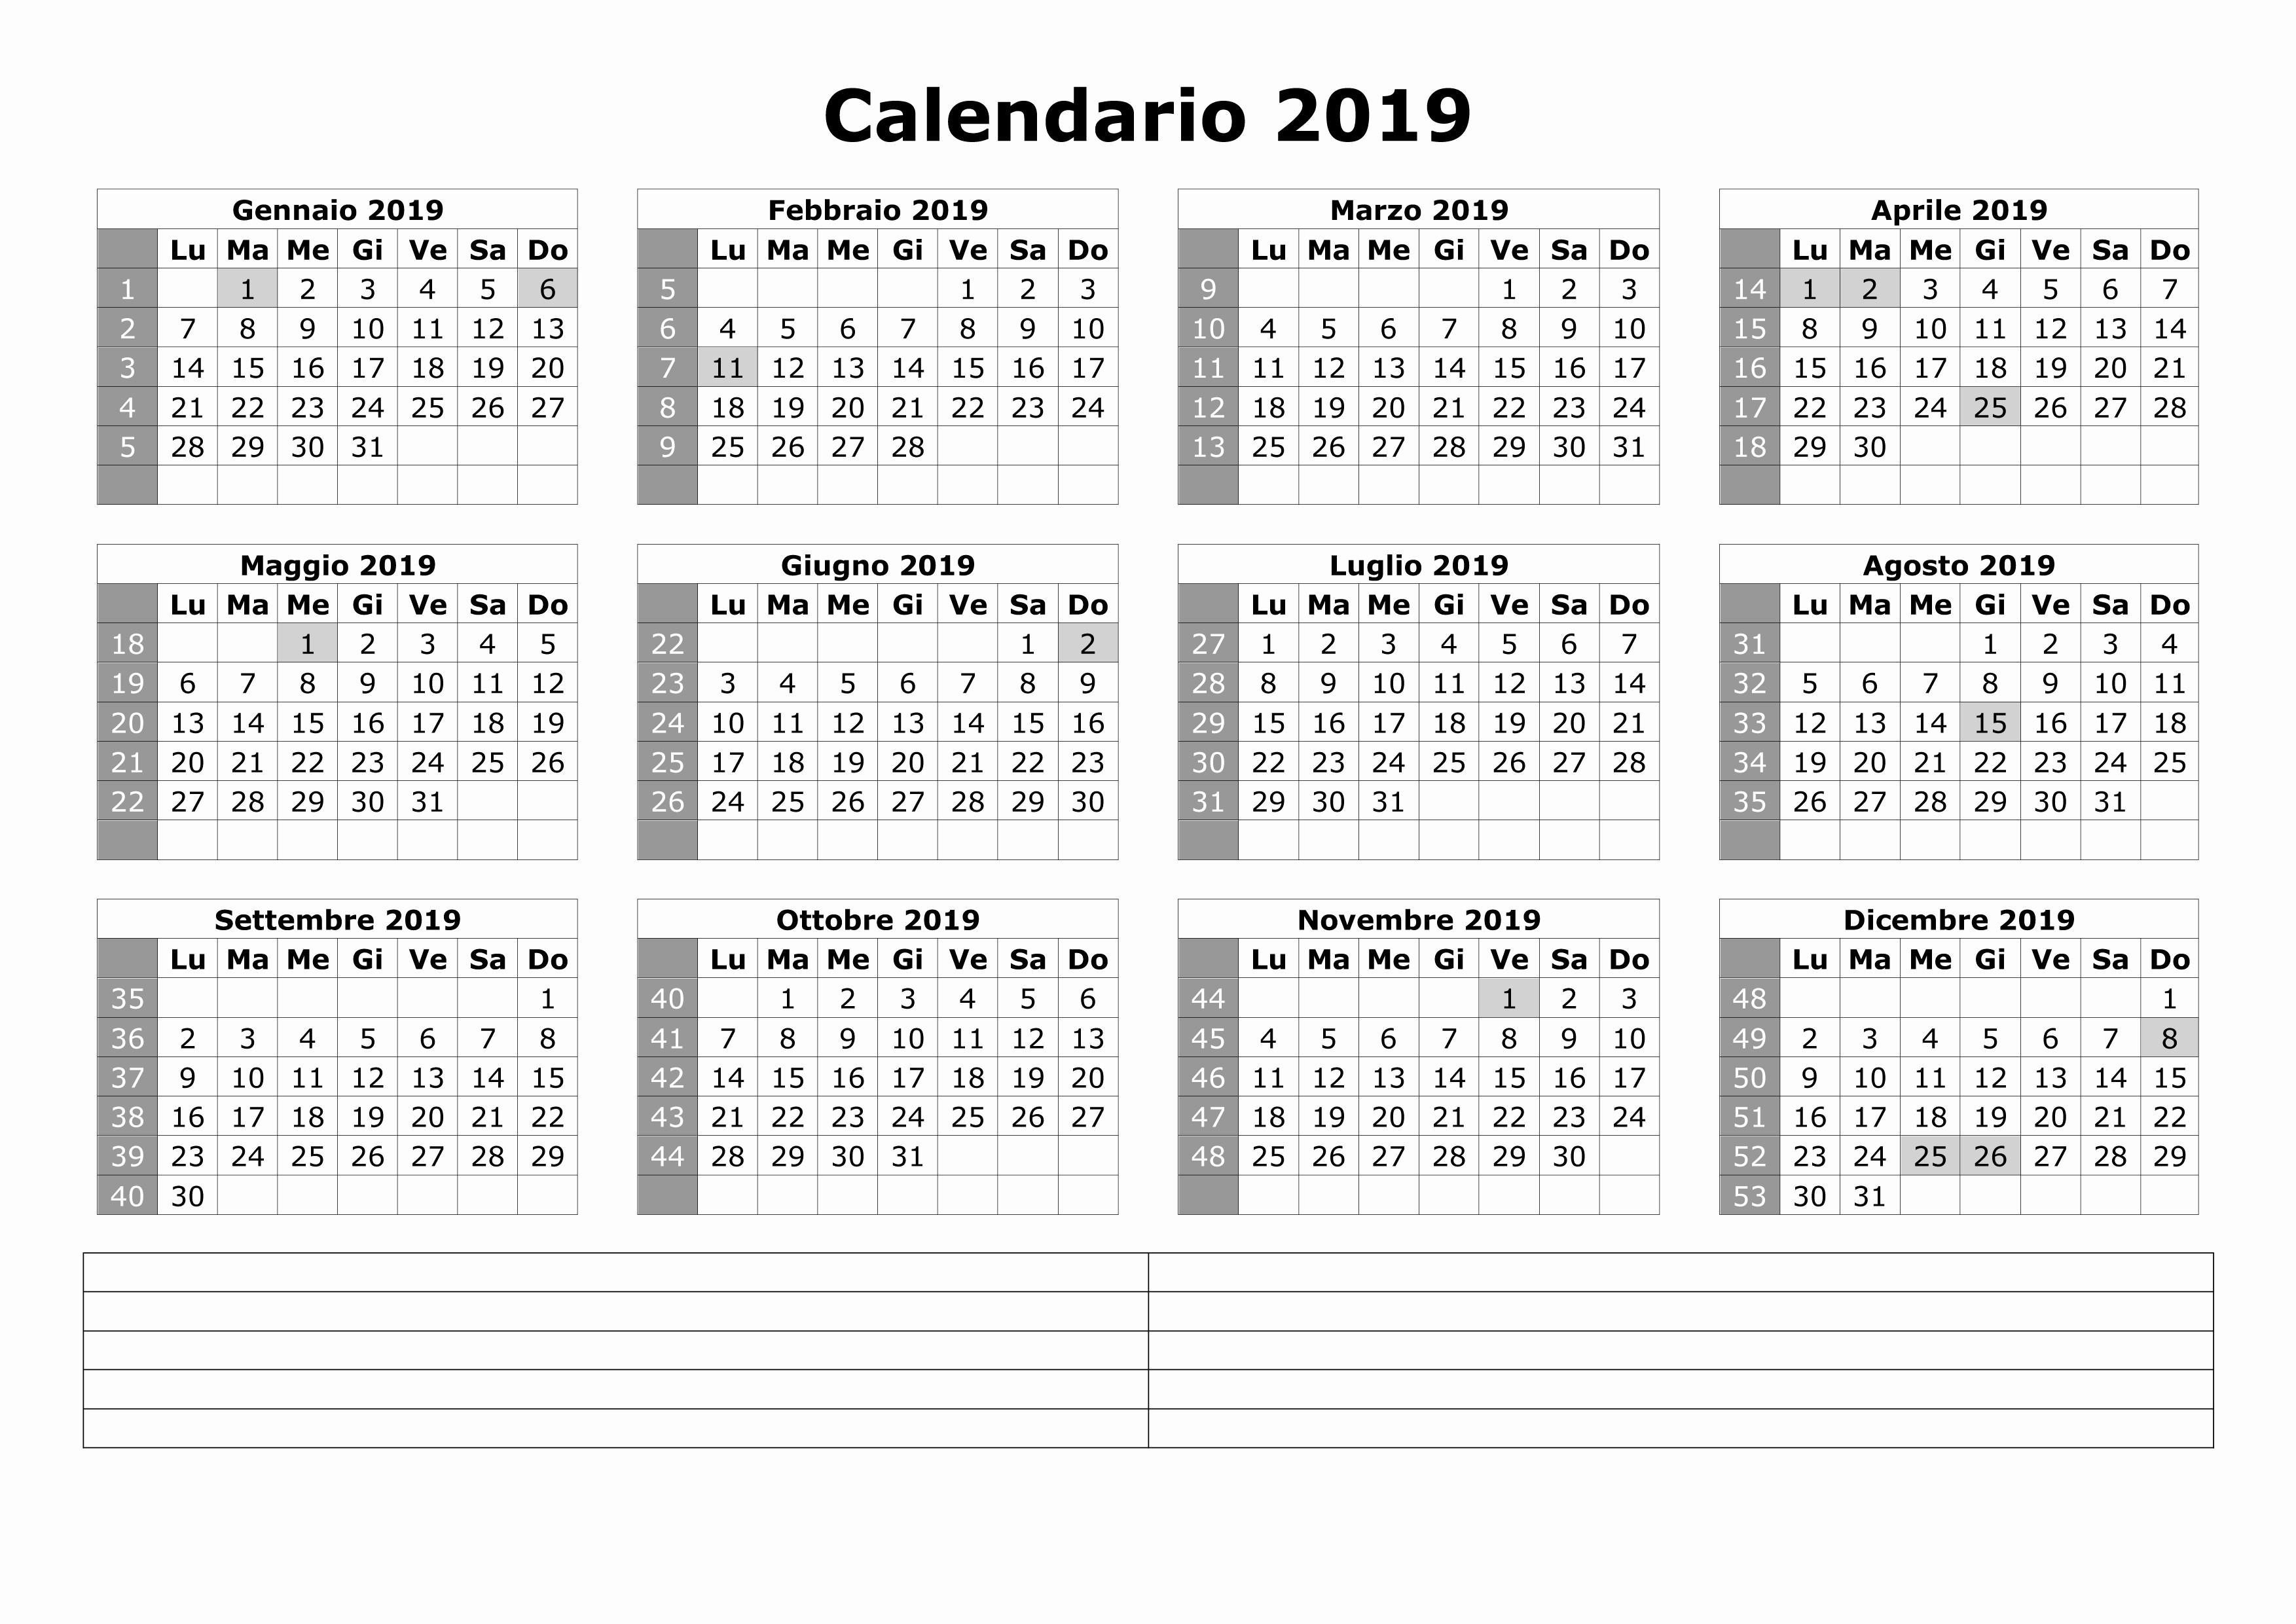 Calendario 2019 Y 2020 Para Imprimir Más Populares Calendari 2019 20 Calendario Para 2017 2018 2019 2020 La Semana Calendario 2019